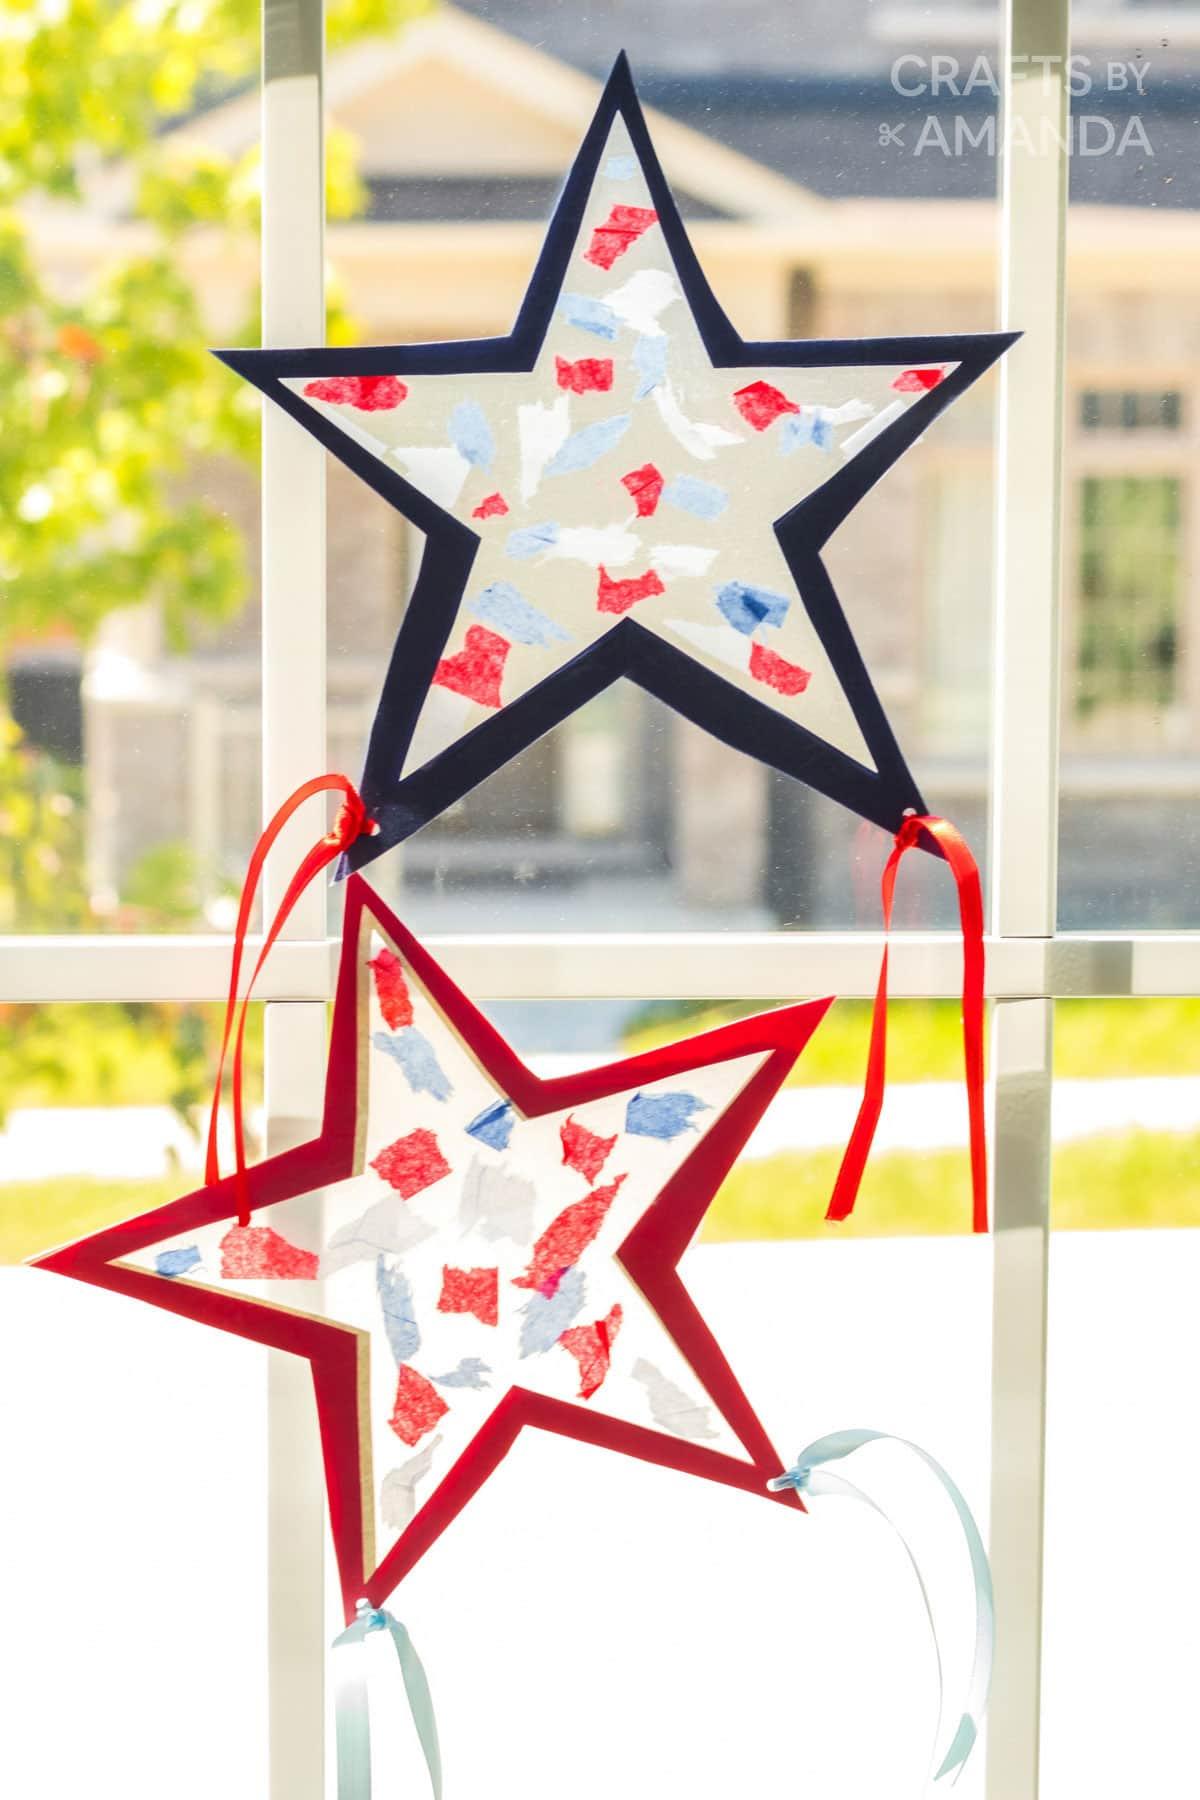 two star shaped suncatchers in a windw